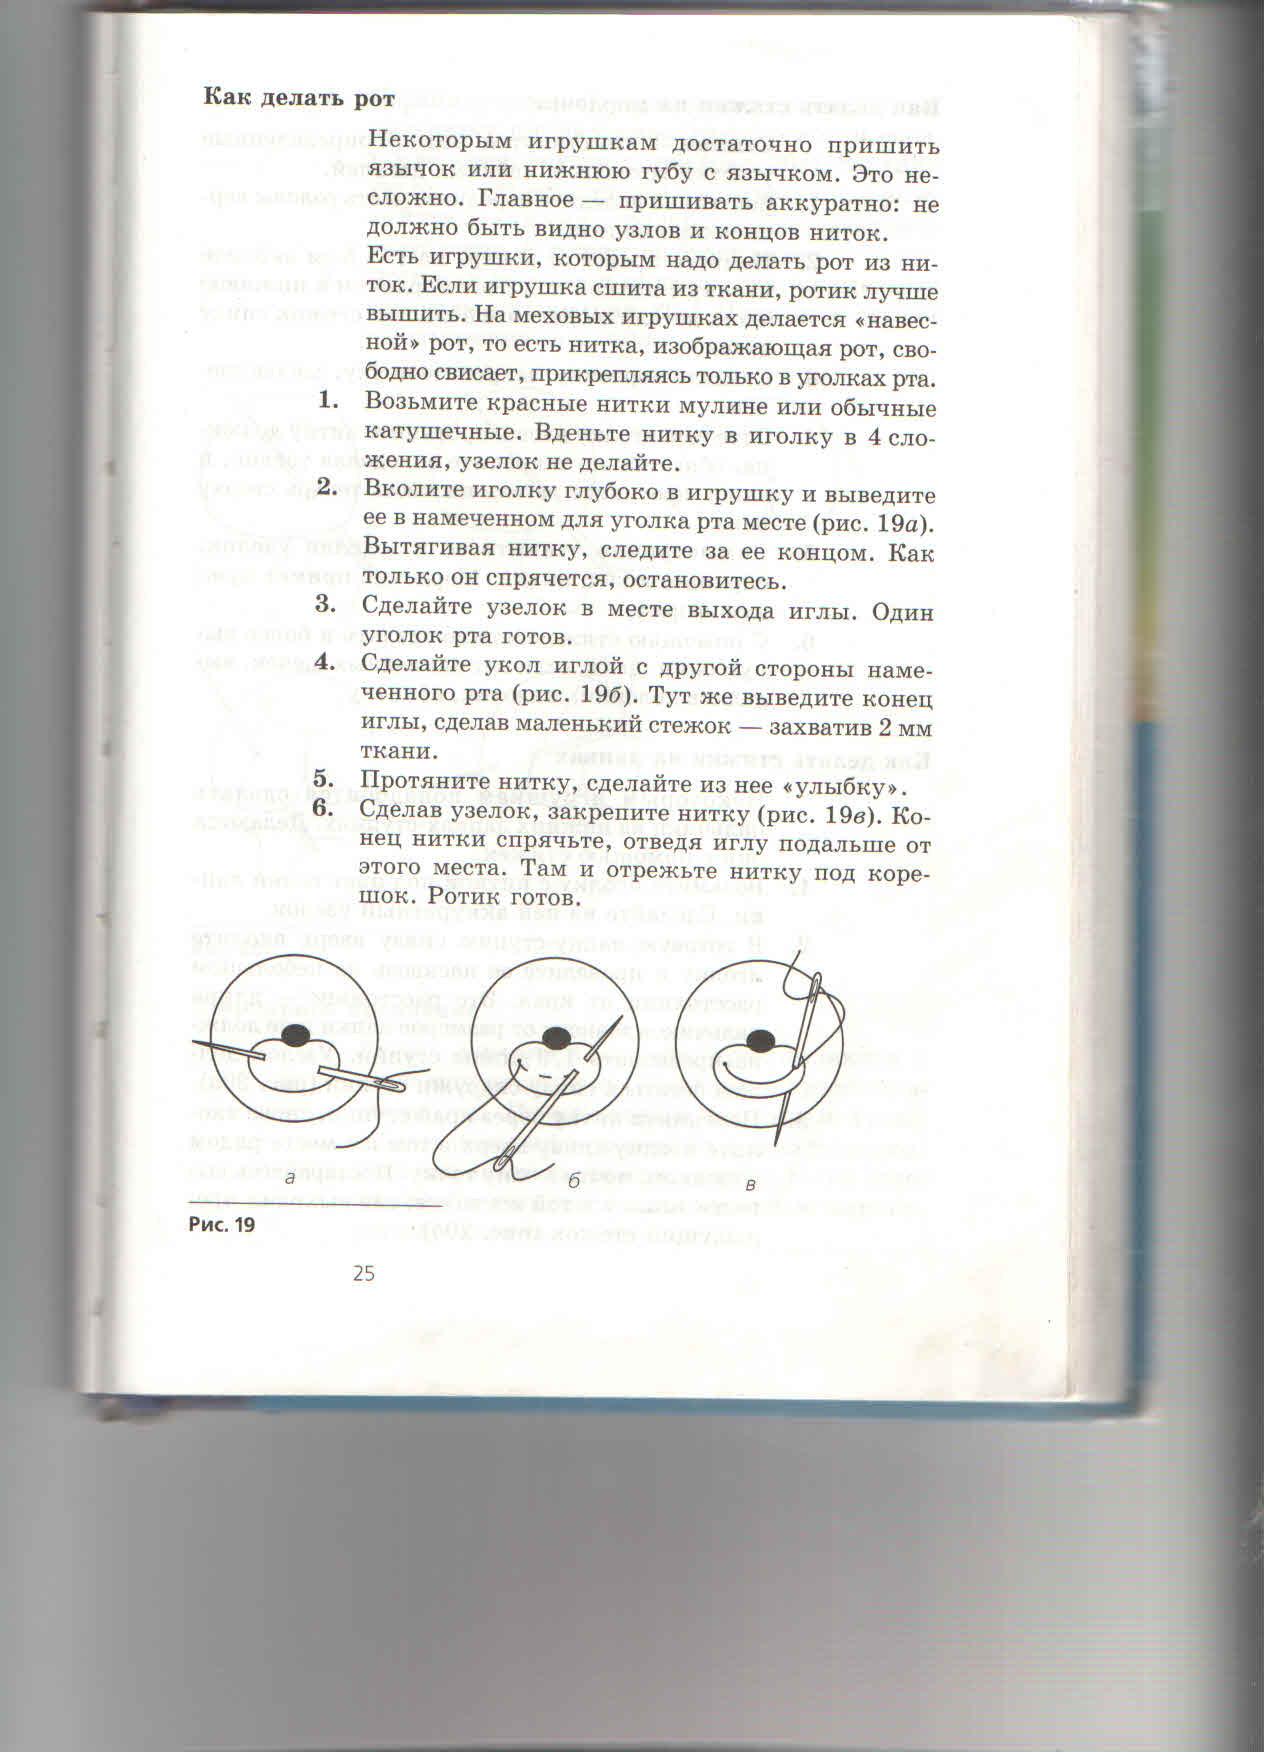 C:\Users\я\Desktop\сканированные документы\р17.jpg